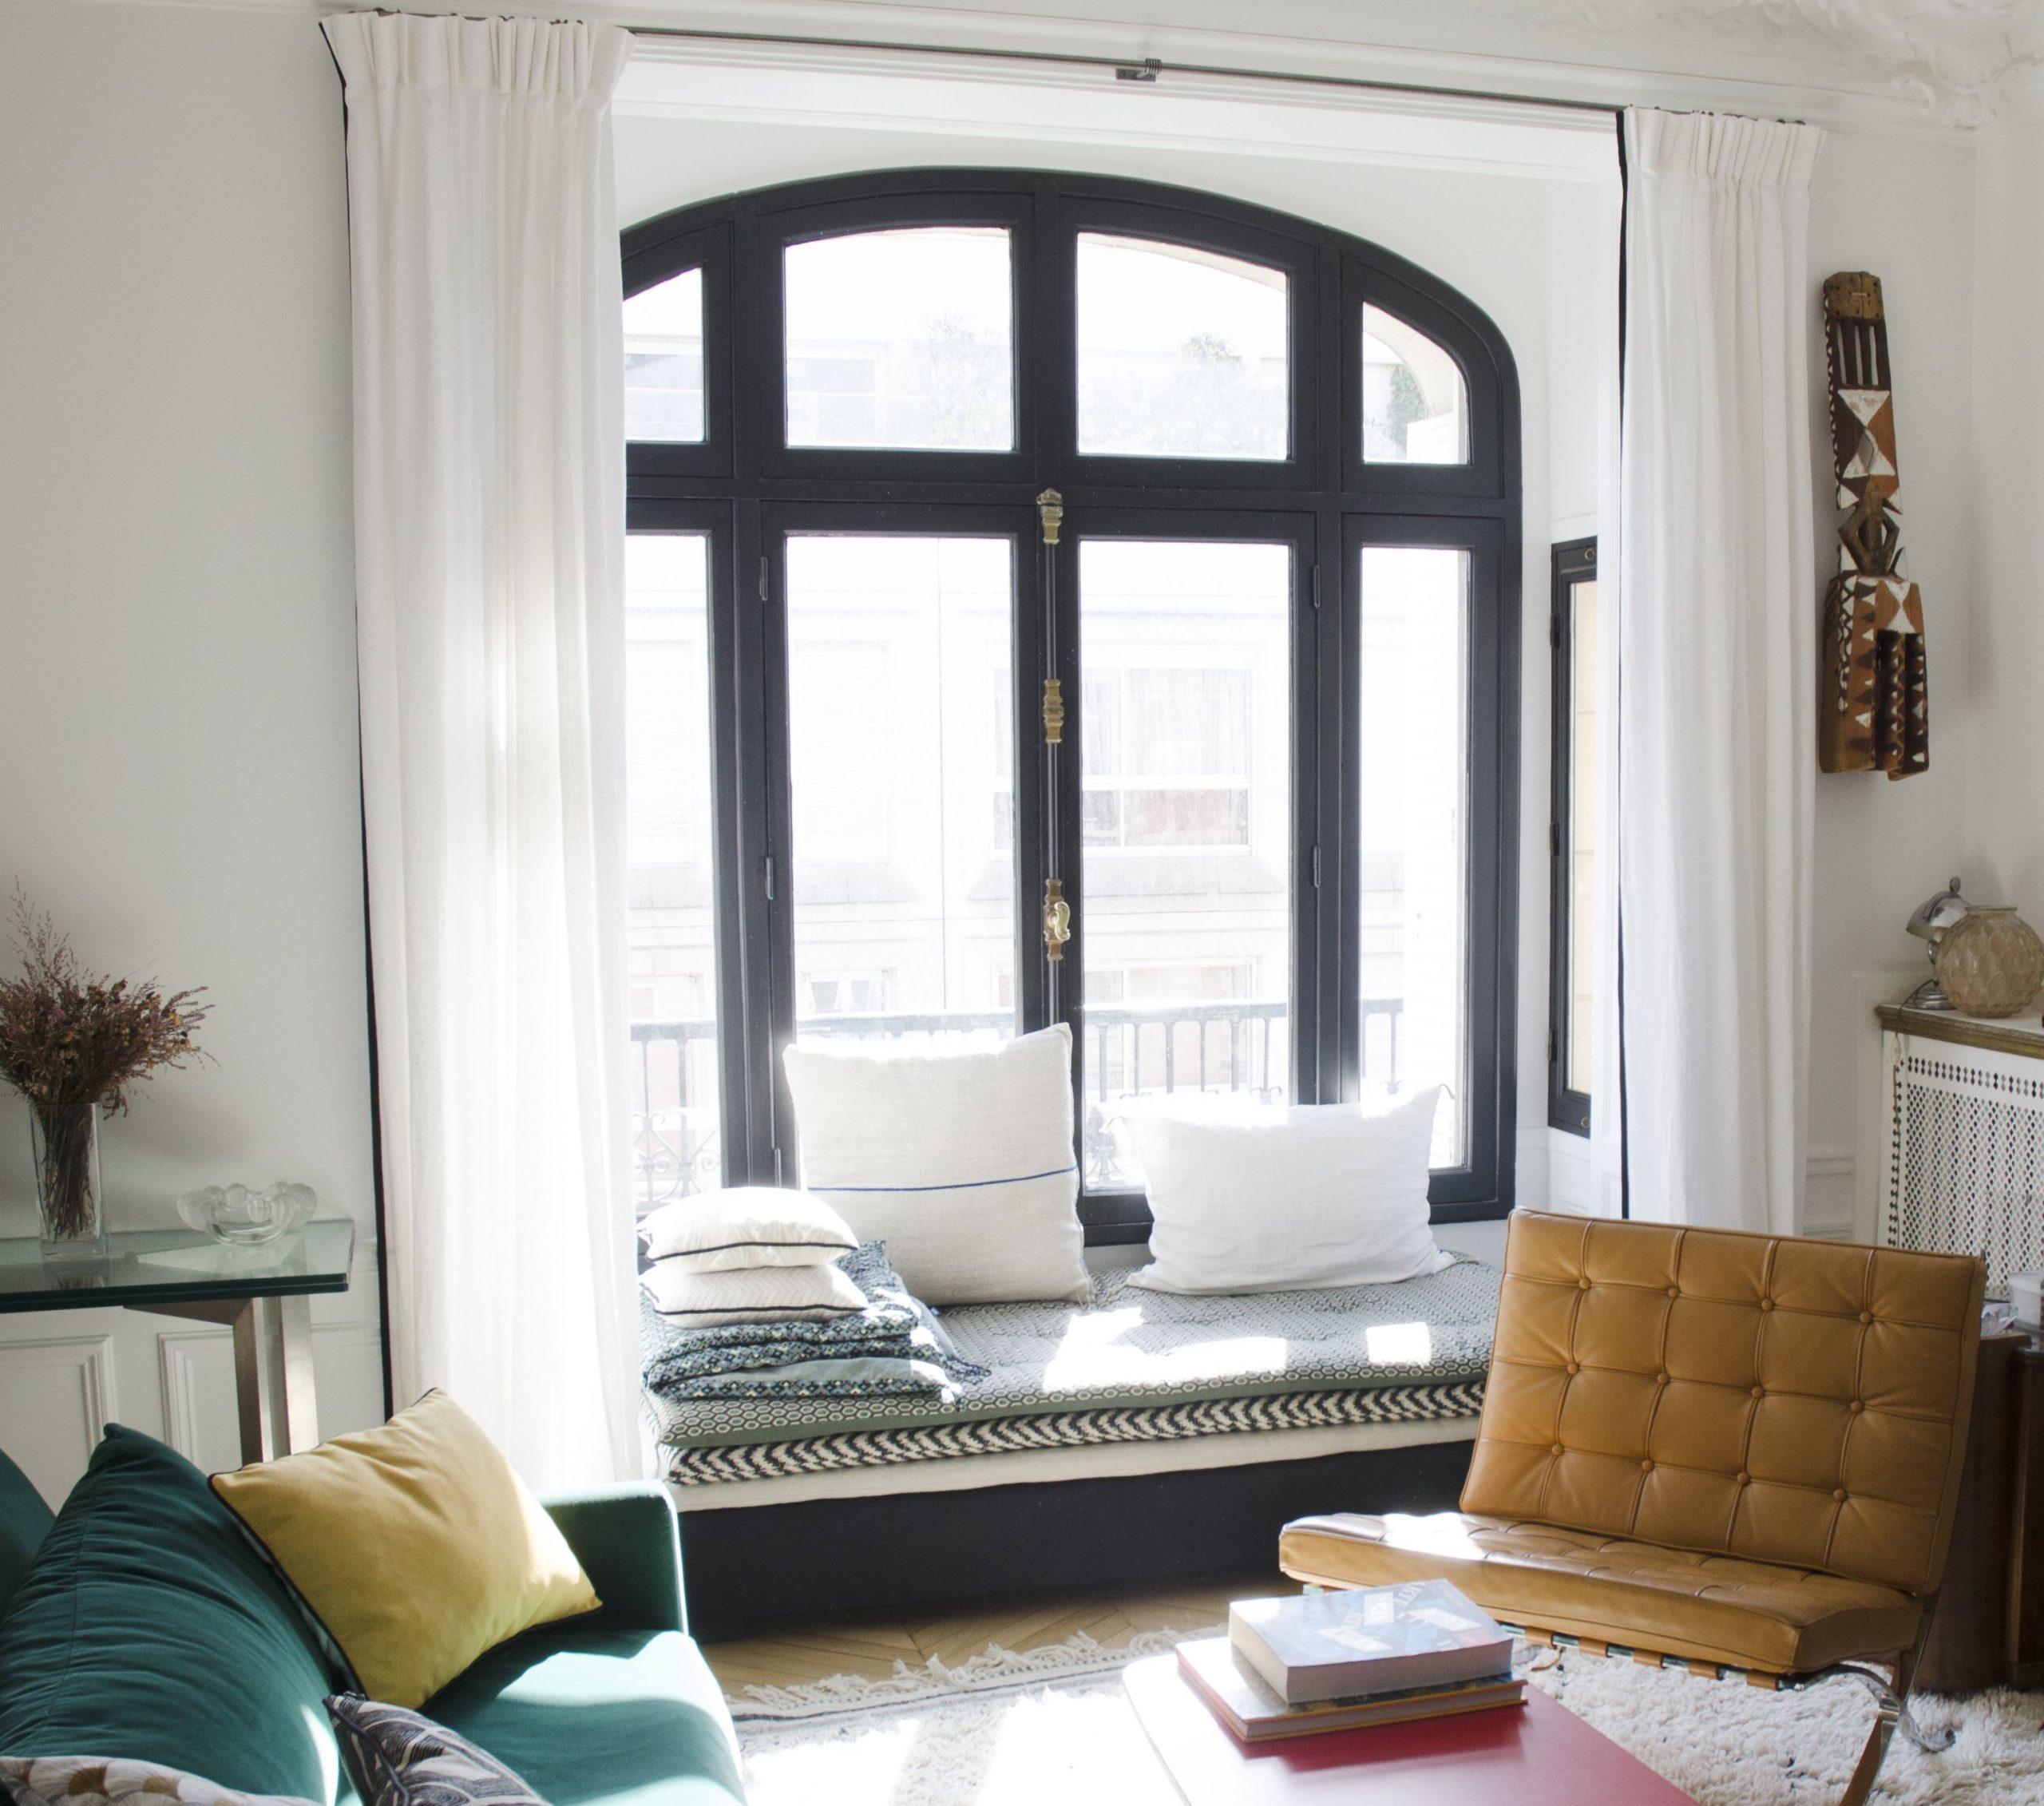 Quelle matière choisir pour ses rideaux ?